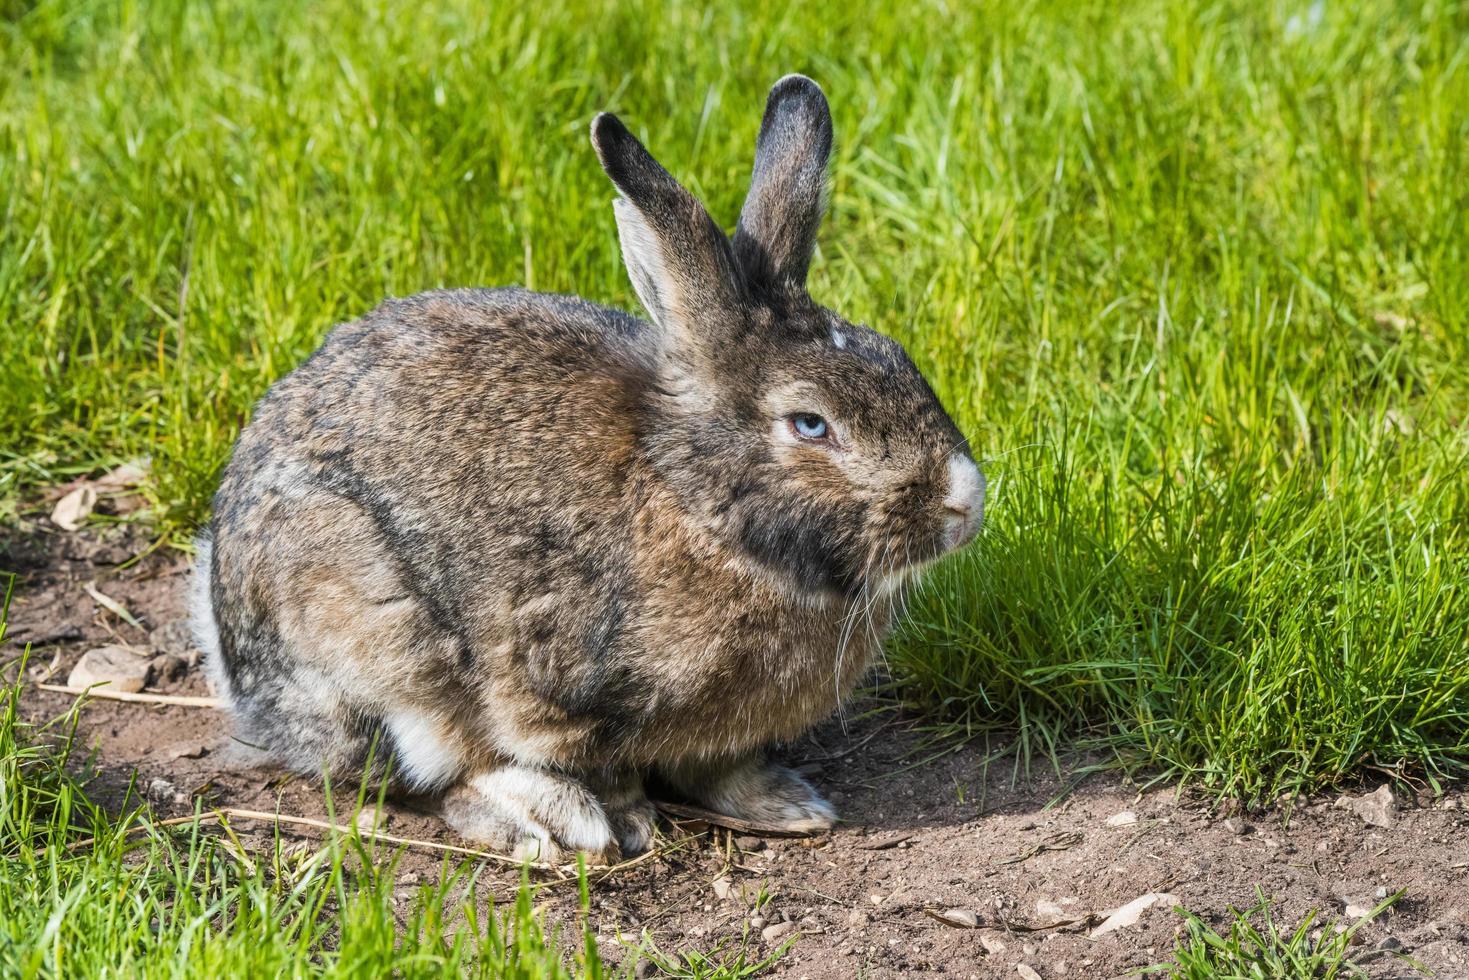 grauer Kaninchenhase, der auf grünem Gras sitzt foto